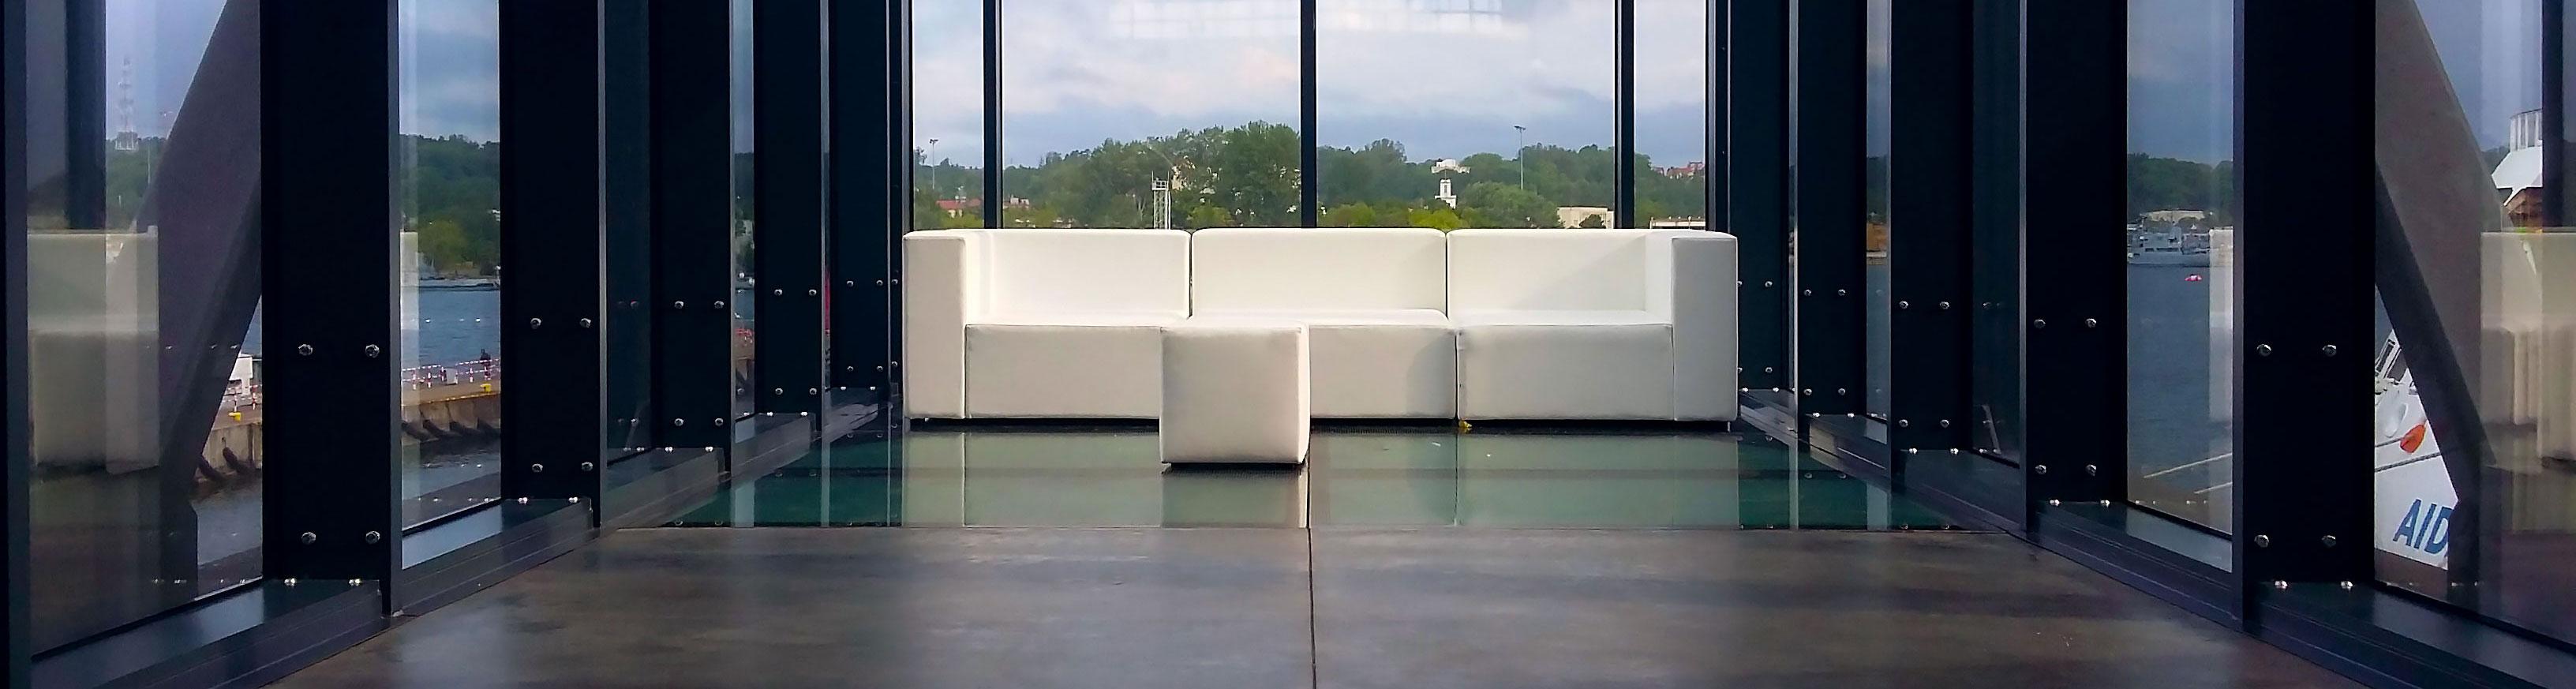 Sofa-Tetris-Wynajem-Mebli-Wypozyczalnia-Mebli-Magnetic-Group-Trojmiasto-Sopot-Gdynia-Gdansk-2-WEB